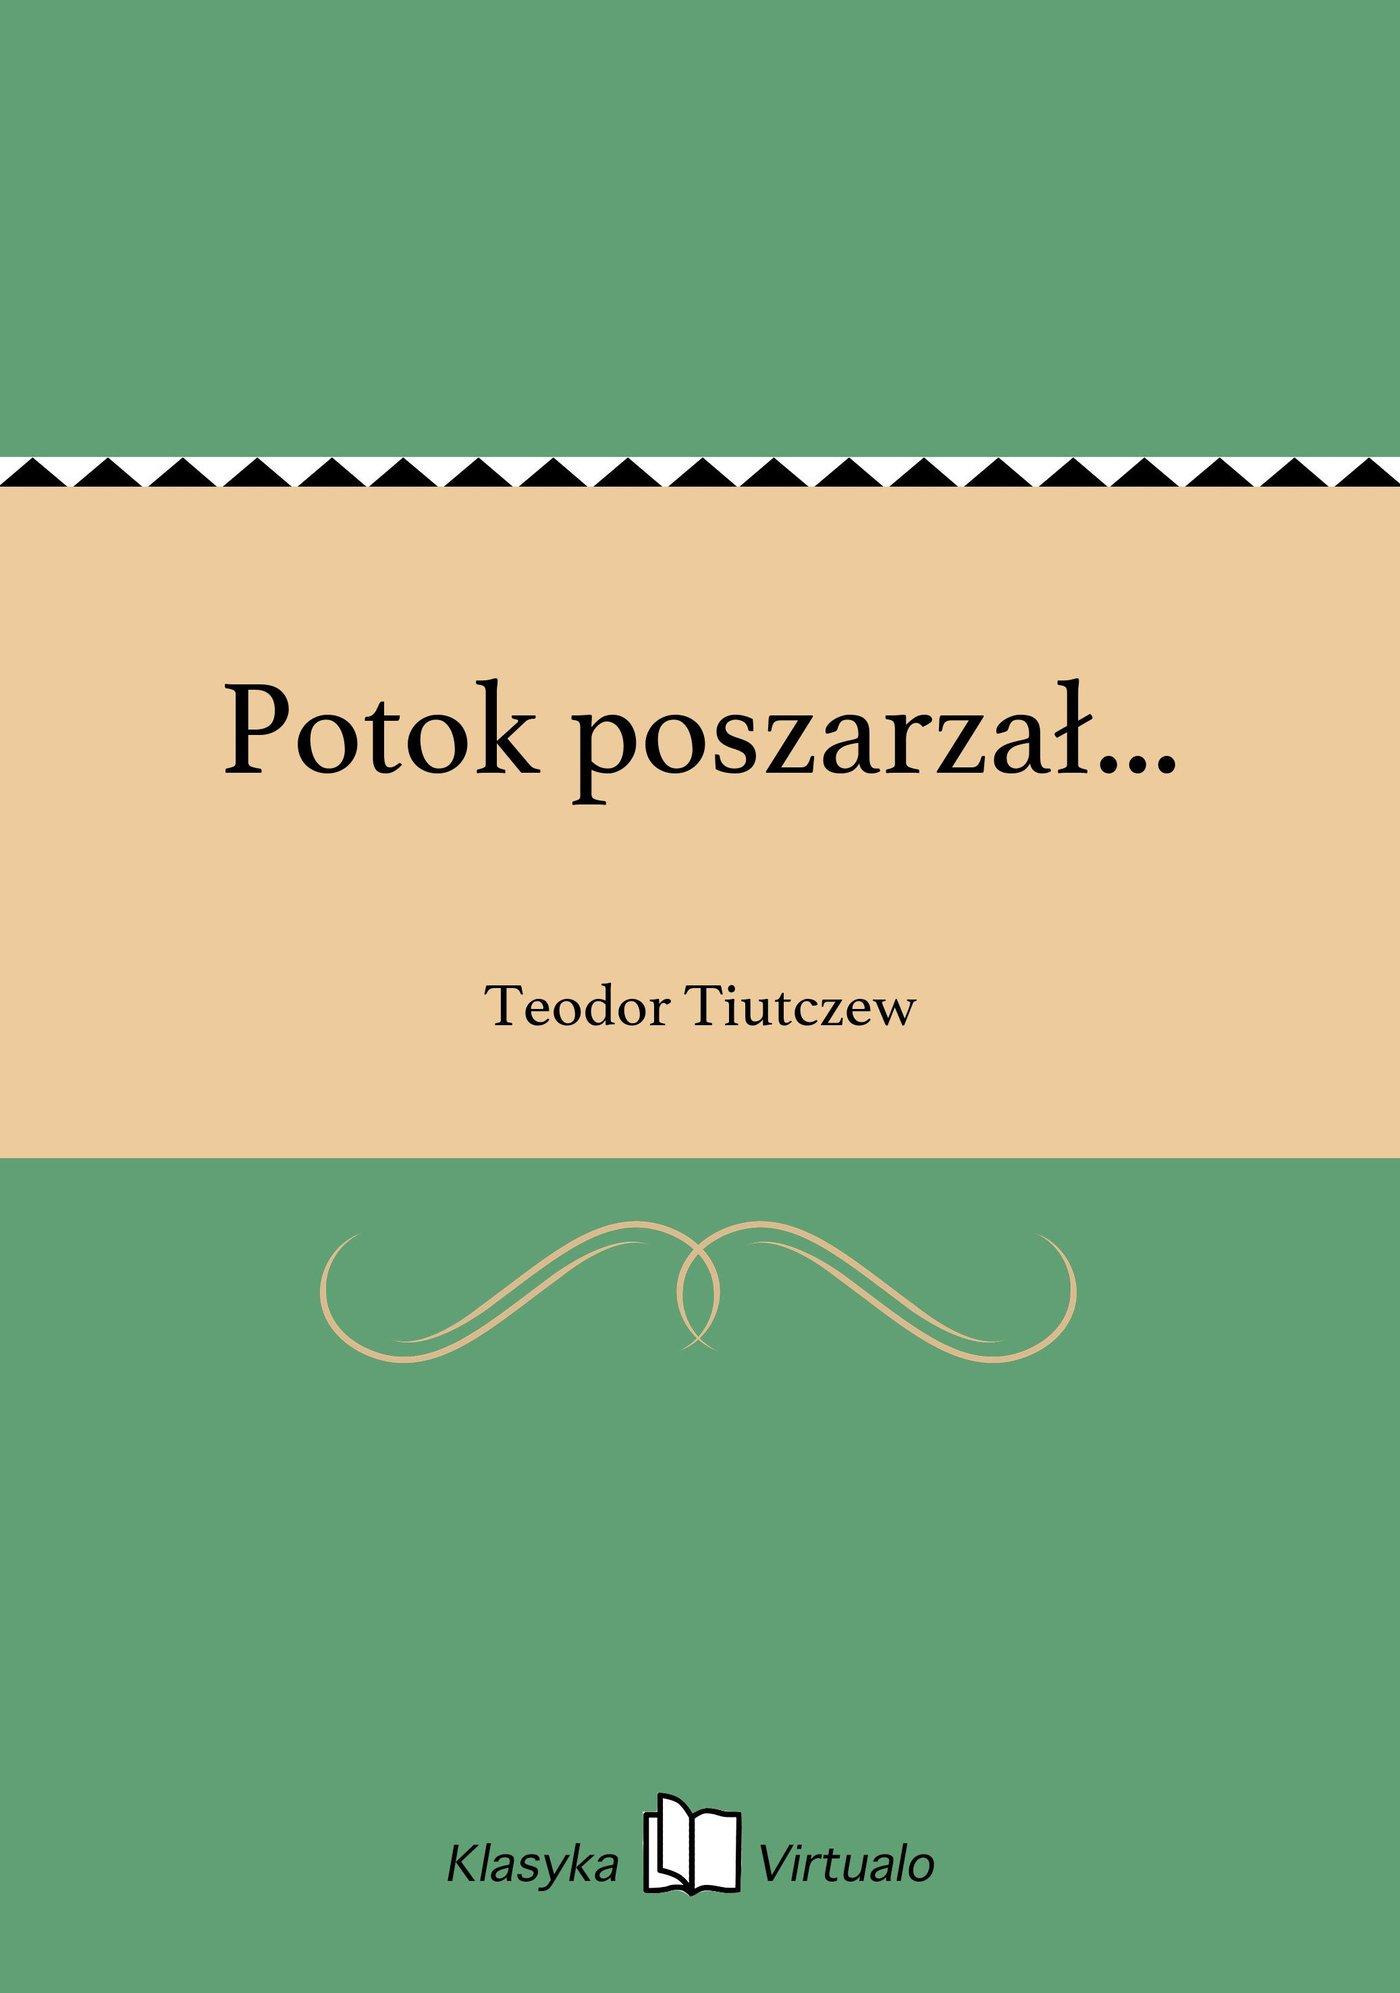 Potok poszarzał... - Ebook (Książka EPUB) do pobrania w formacie EPUB